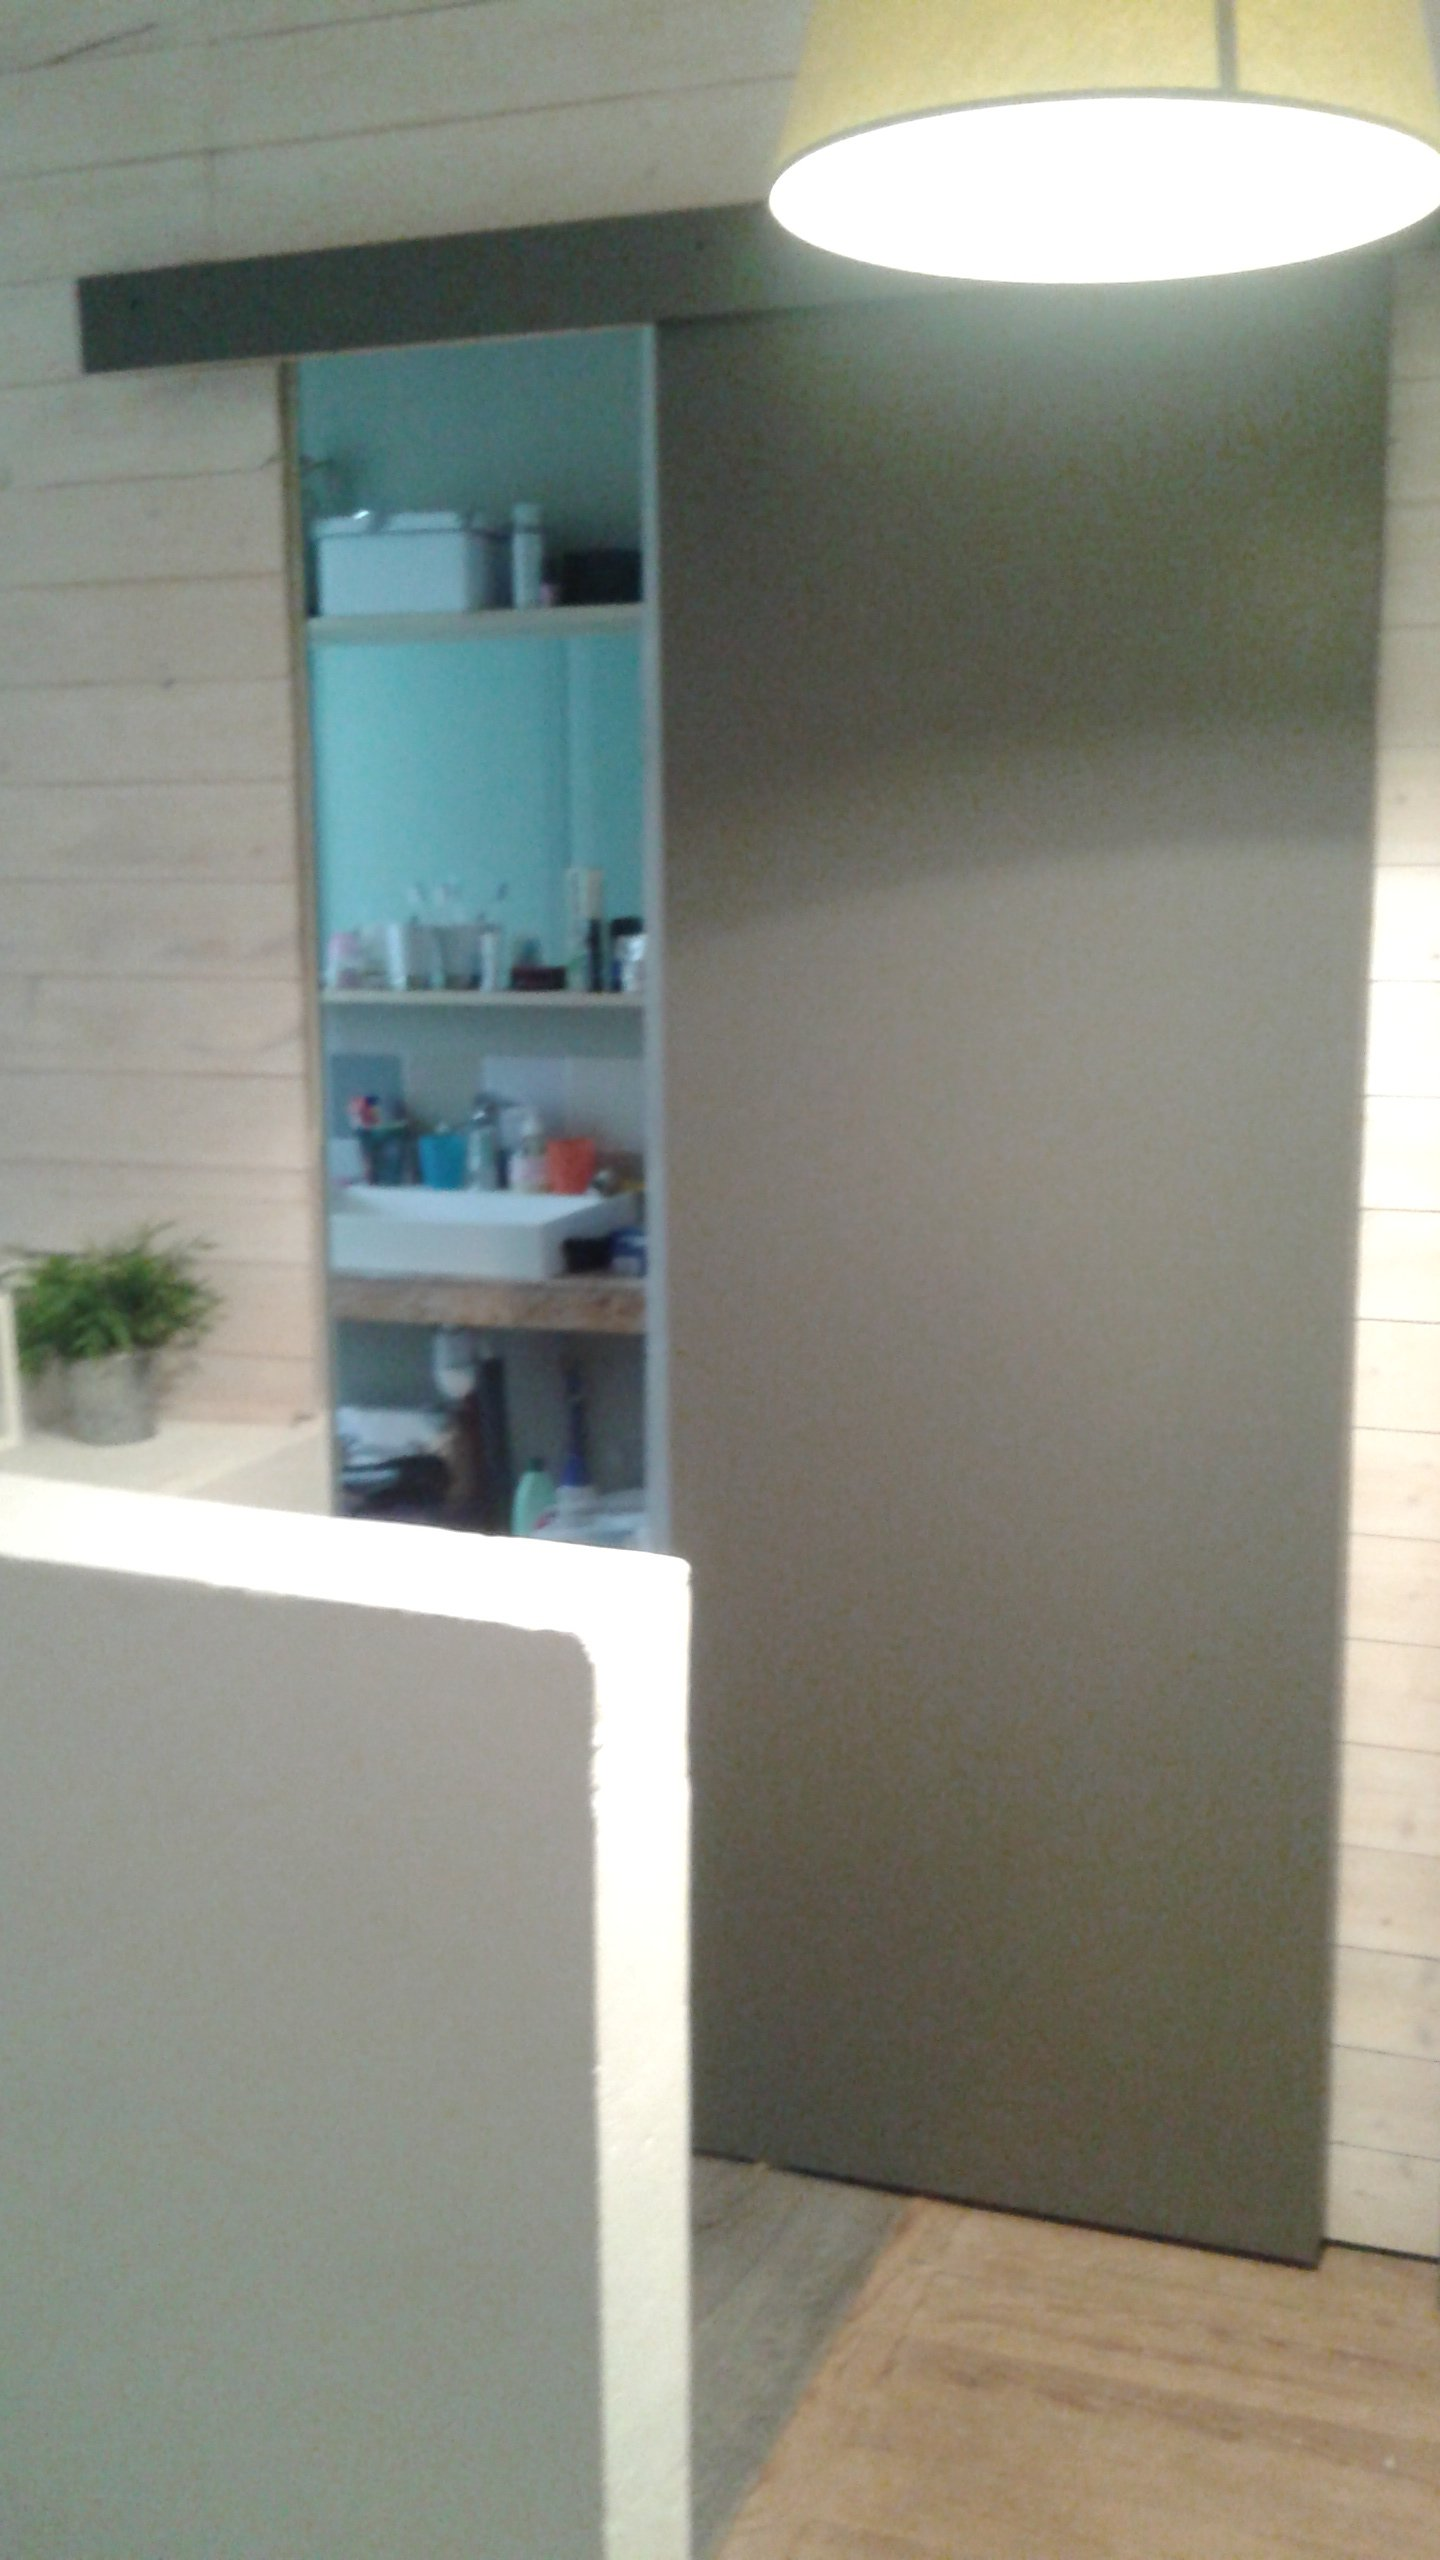 Les jedric bricolent la salle de bain - Porte coulissante dans le mur ...